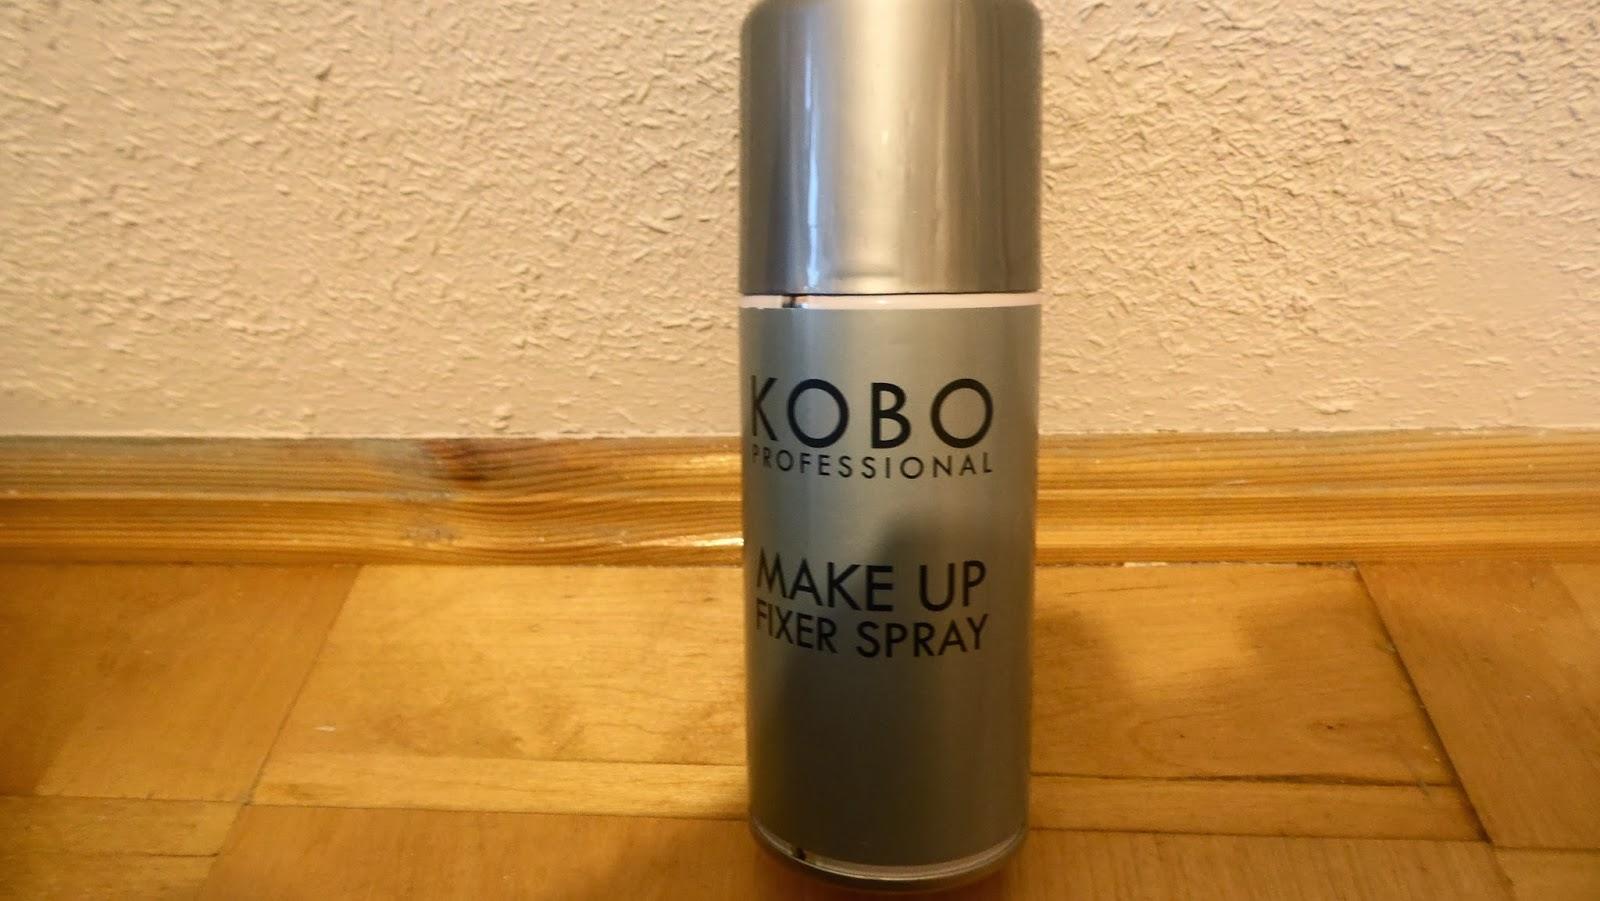 KOBO Professional - MAKE UP FIXER SPRAY  przepis--nazycie.pl